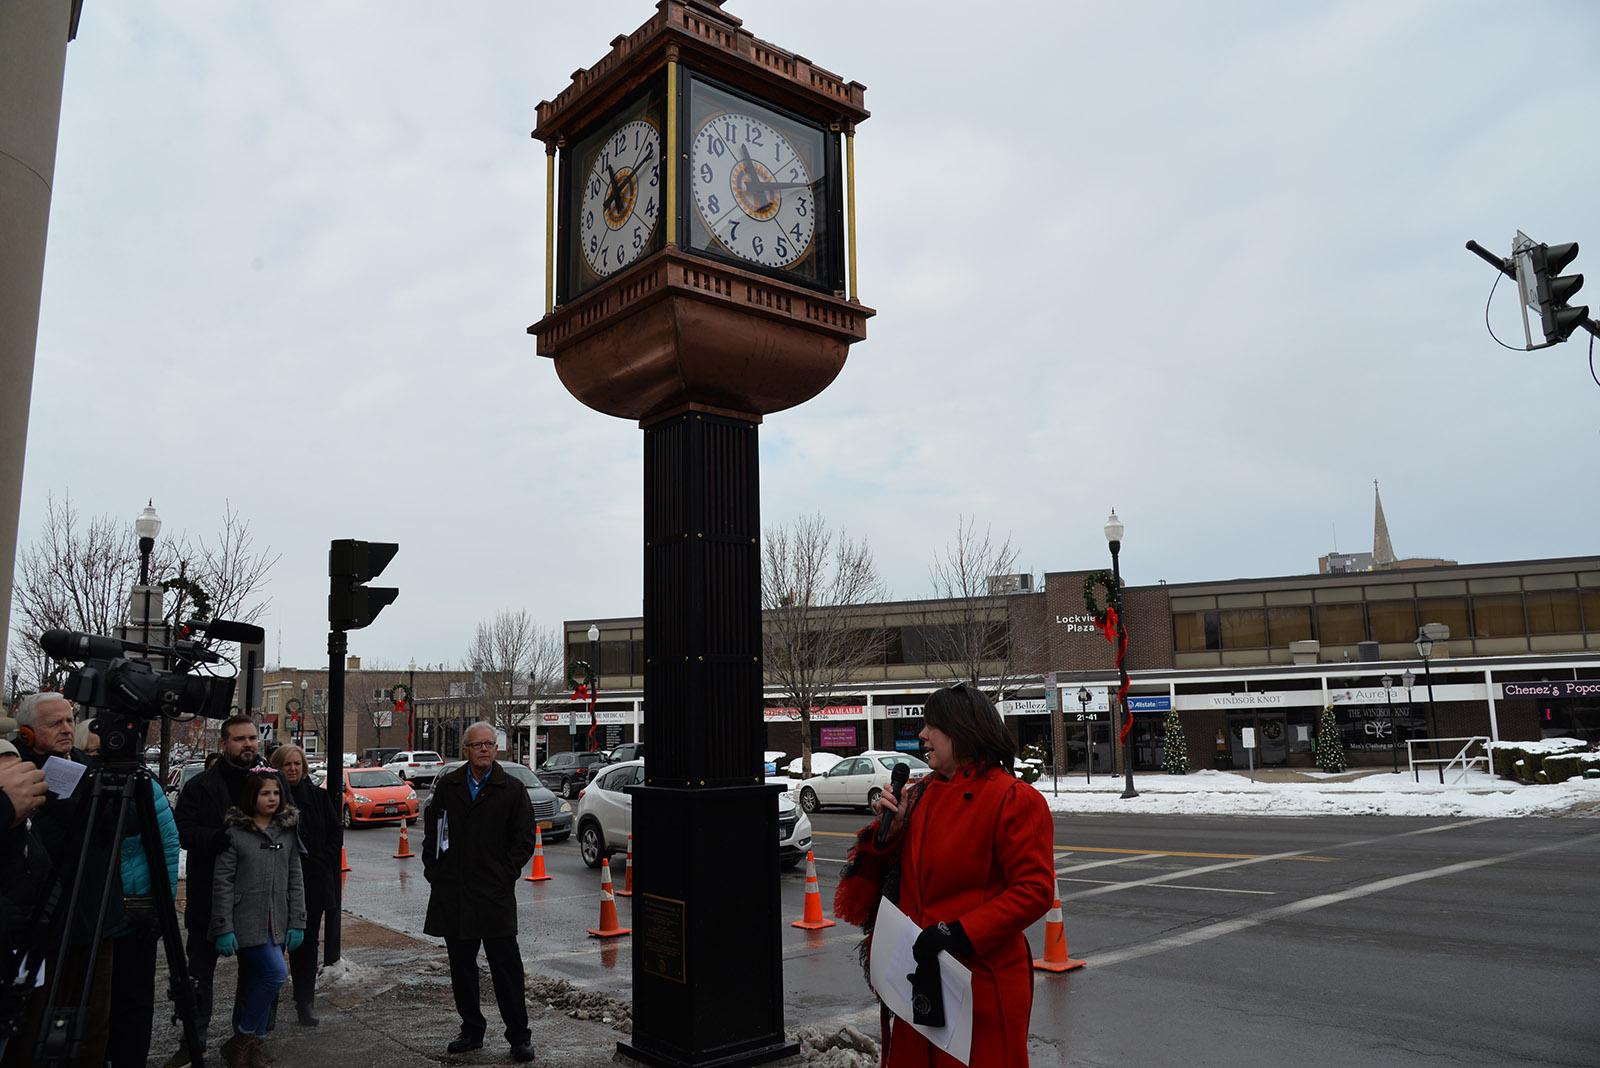 Mayor dedicating restored clock, Main Street, Lockport